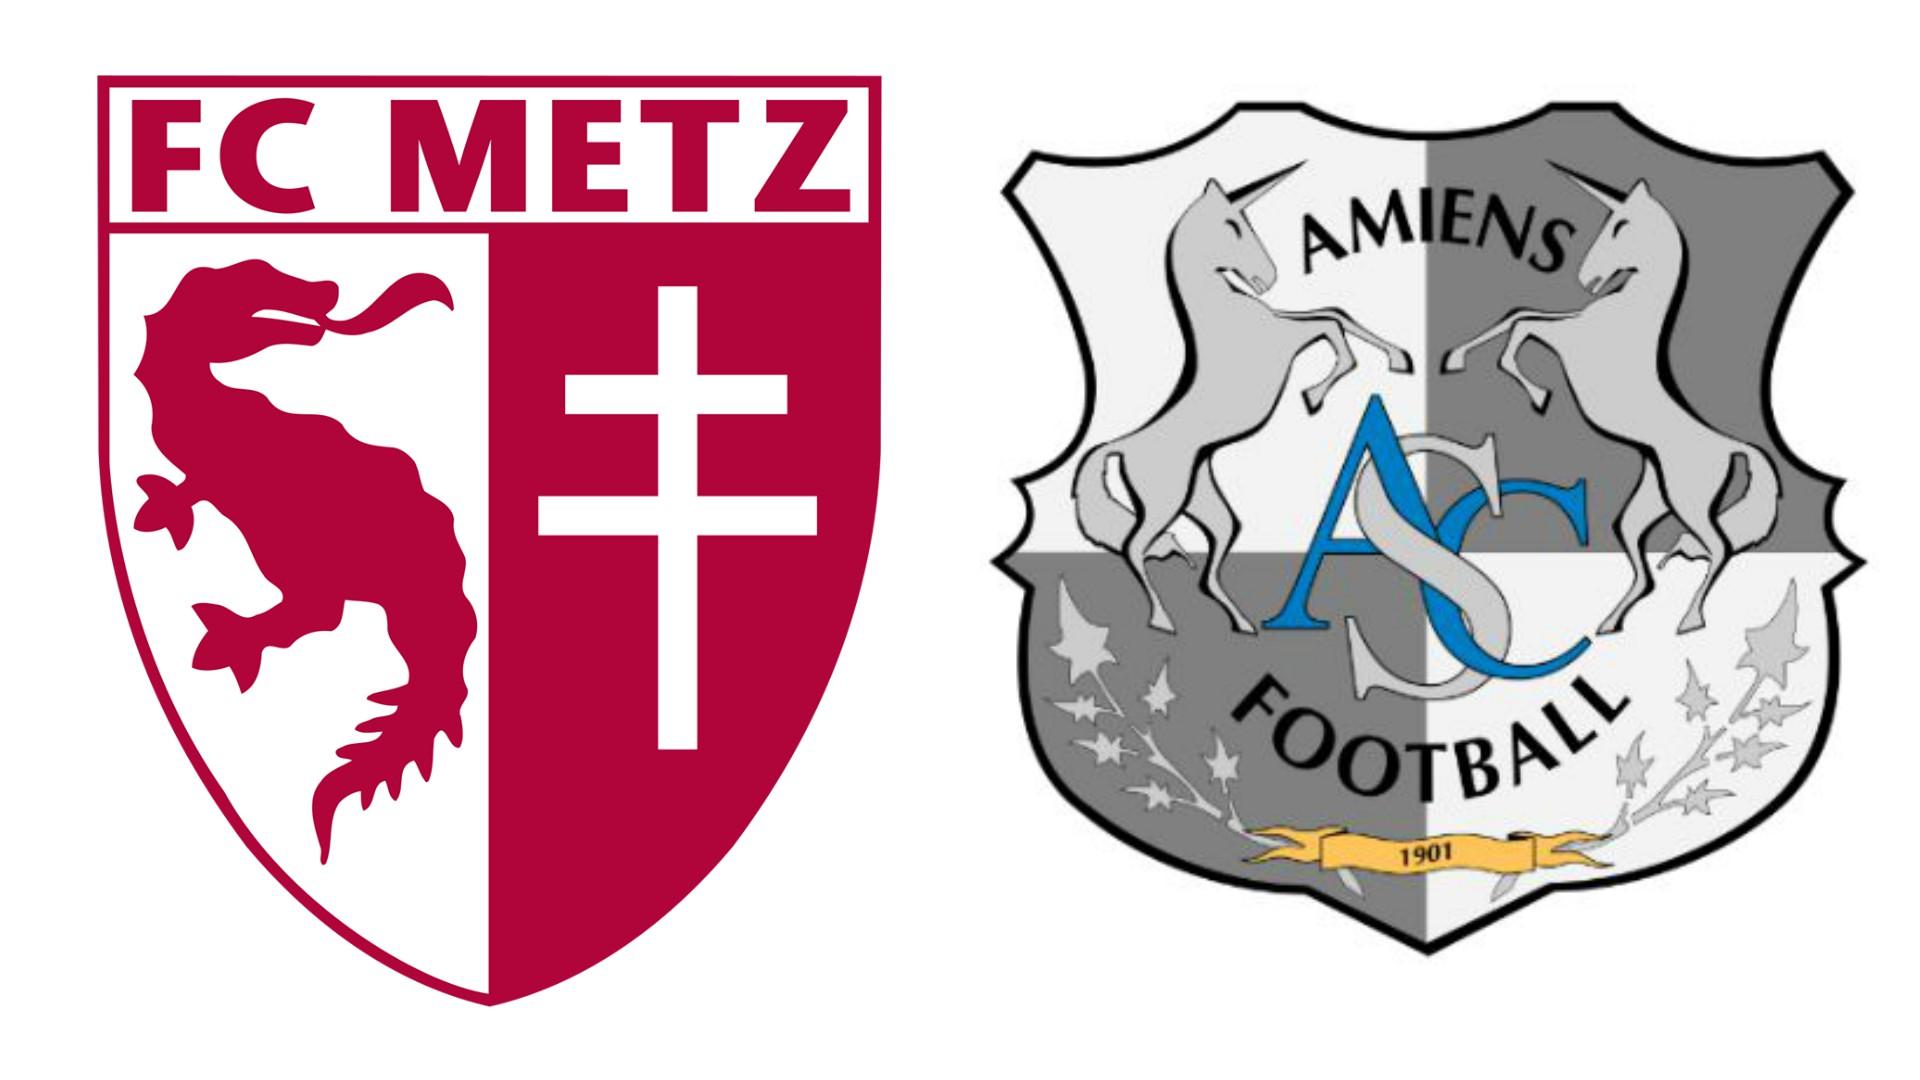 Ligue 1, 6e j. : les stats à connaître avant Metz-Amiens